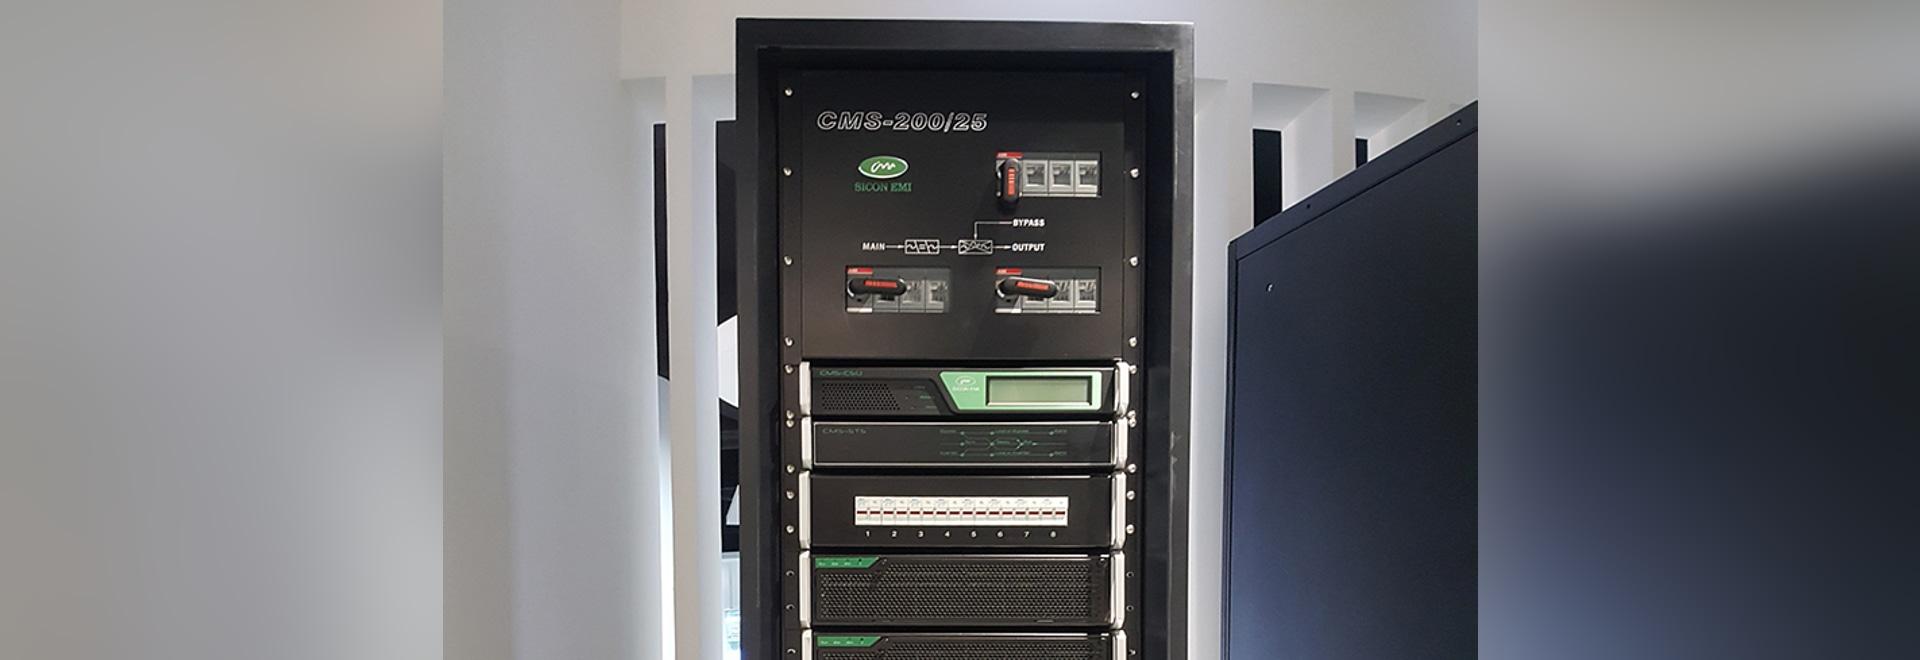 Sicon UPS modulaire installé dans le groupe de gaz de Pékin